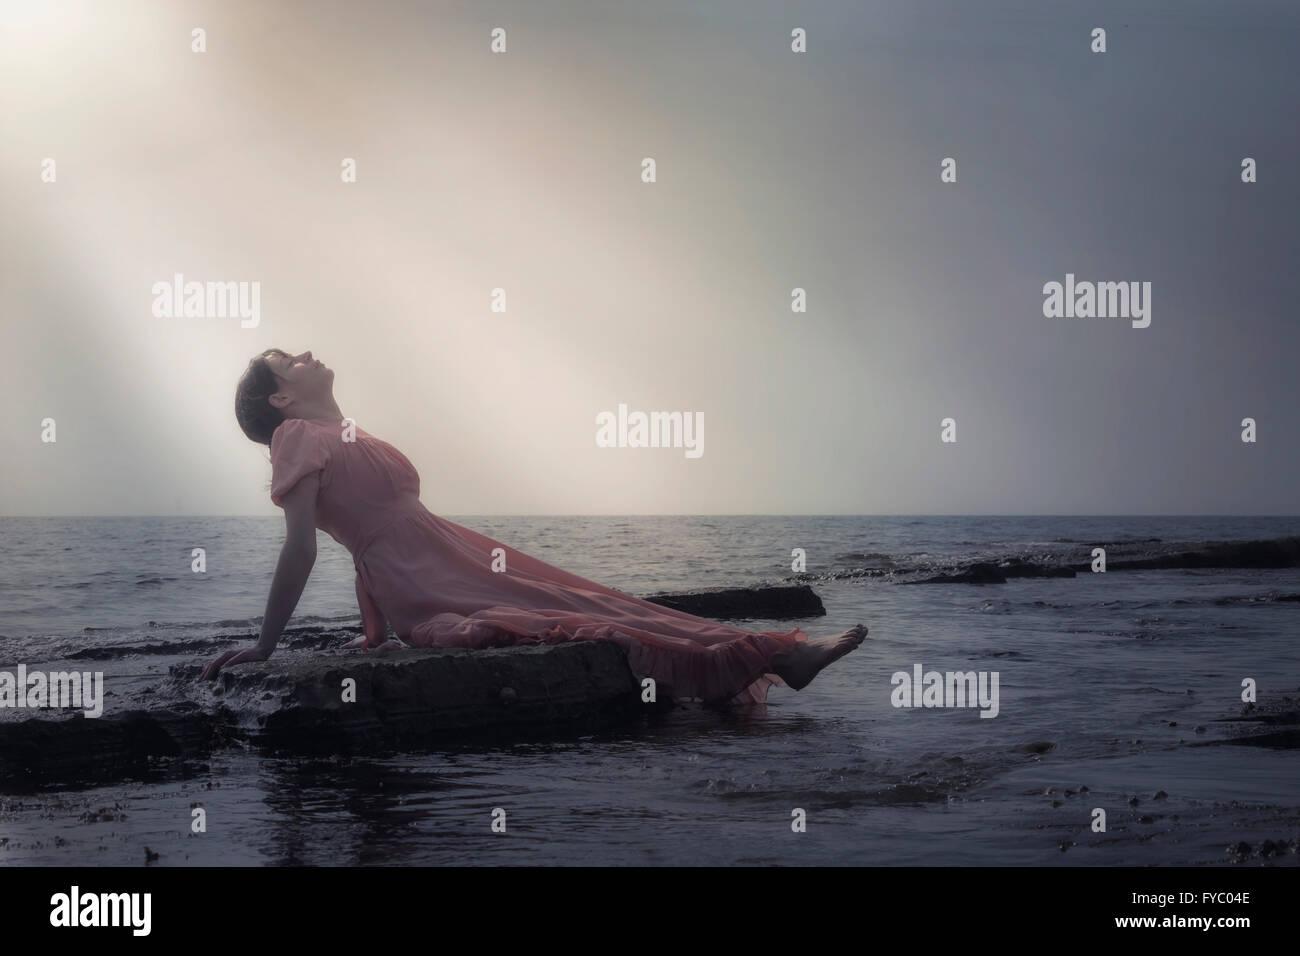 Una mujer en un vestido rosado está mintiendo sobre piedras en el mar Imagen De Stock